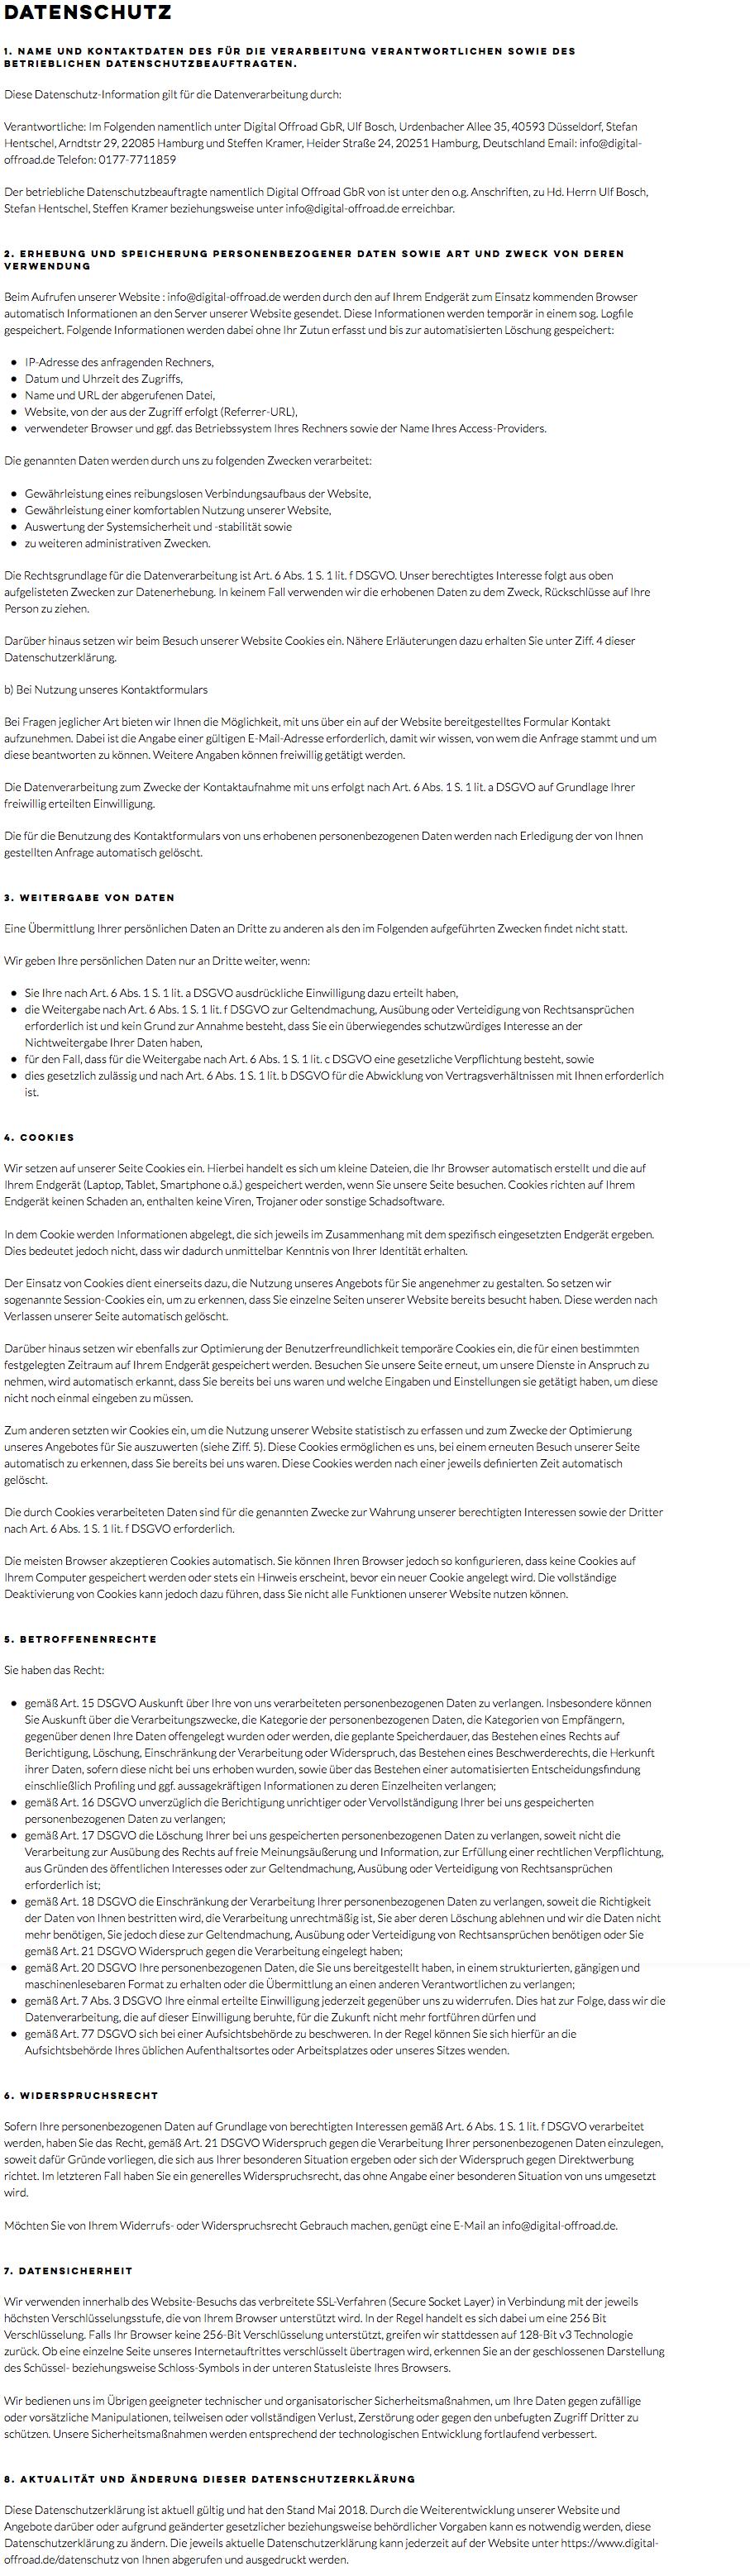 digitaloffroad_datenschutz.png